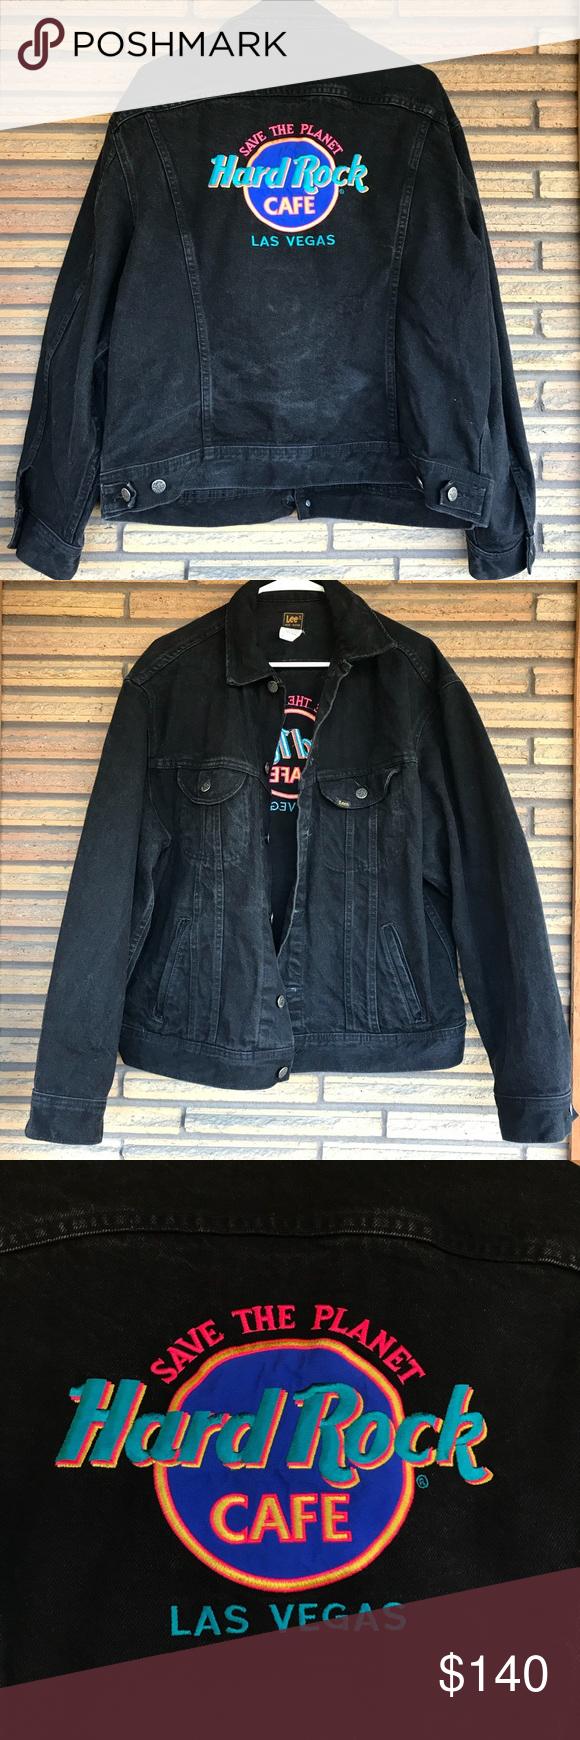 Hard Rock Cafe Black Lee Jean Jacket Women S L Jean Jacket Women Vintage Jean Jacket Cafe Jacket [ 1740 x 580 Pixel ]